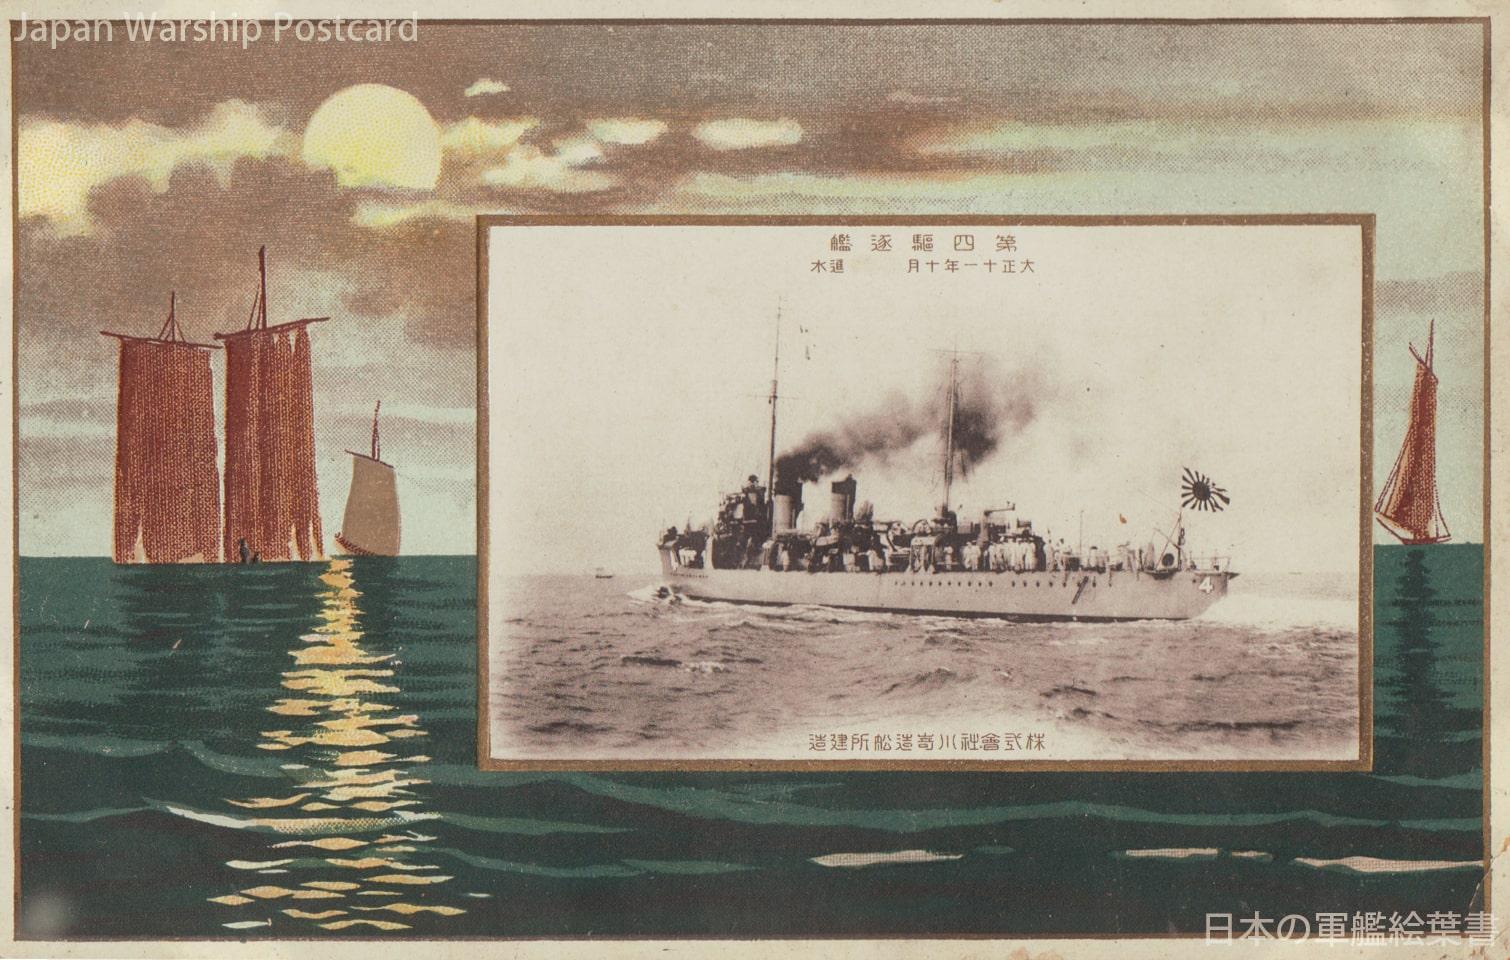 若竹型駆逐艦「呉竹」